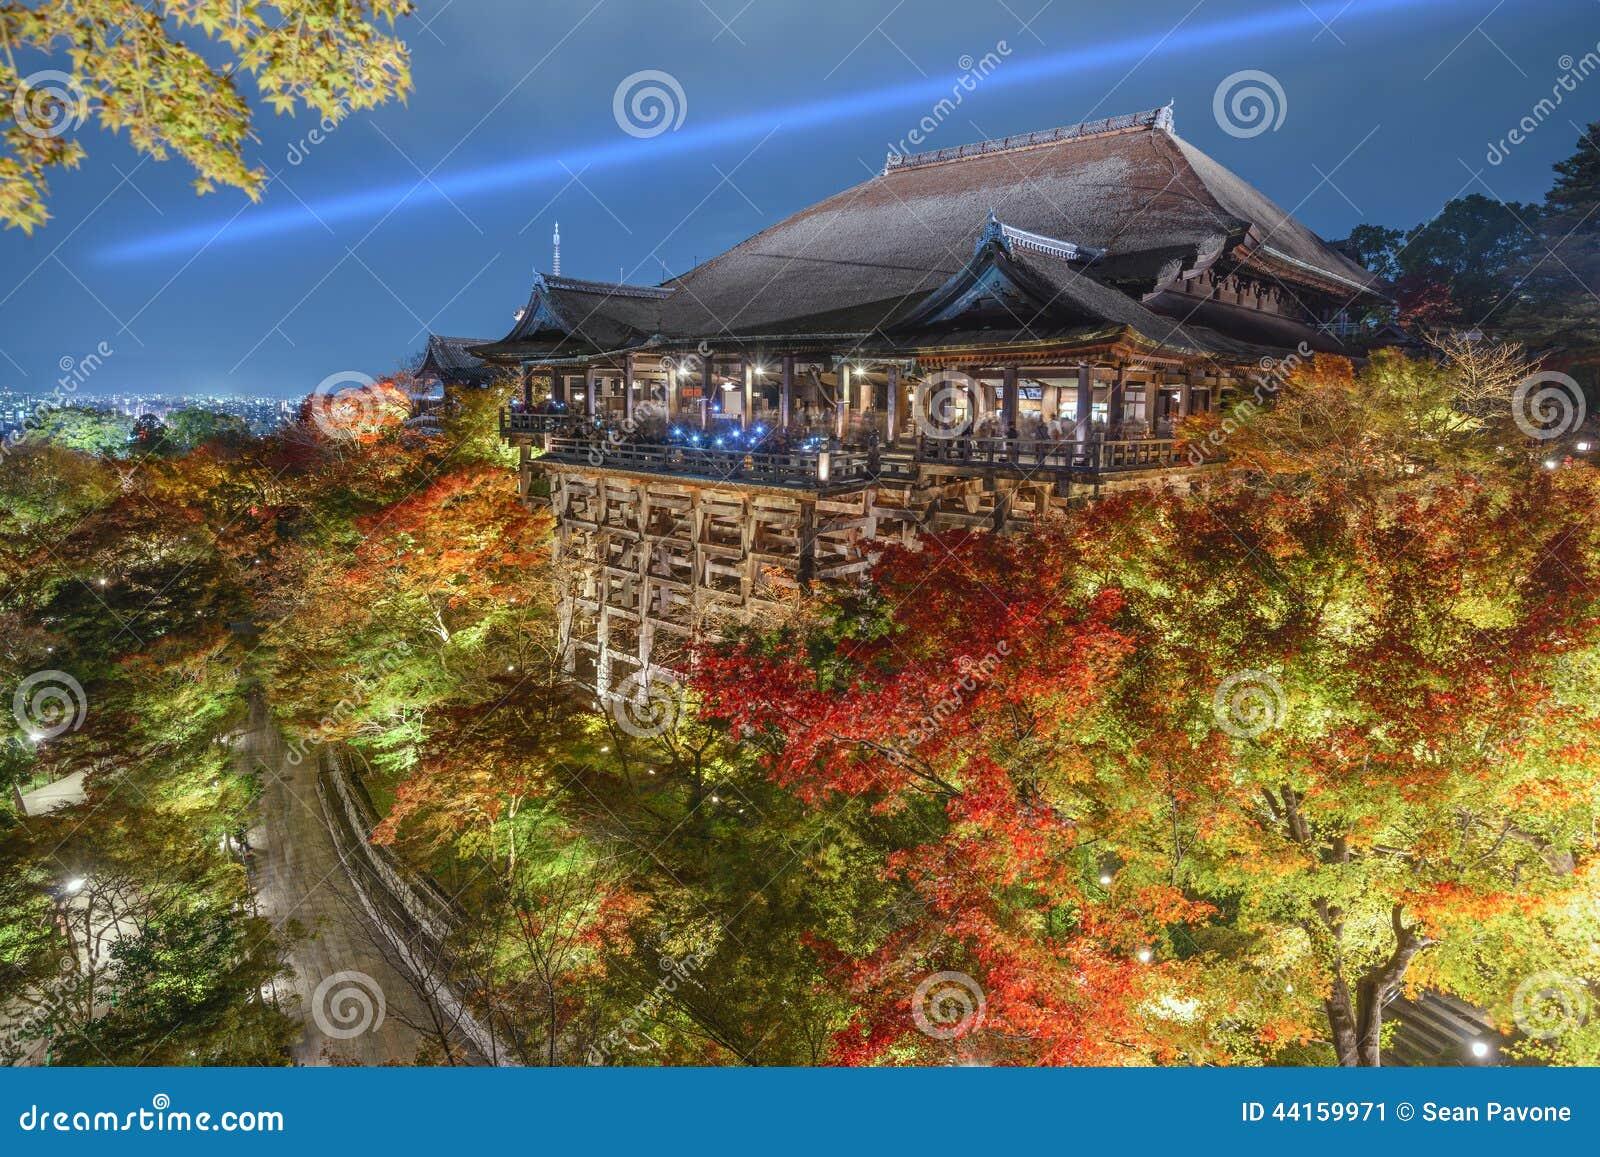 Kiyomizu-deraschrein in Kyoto